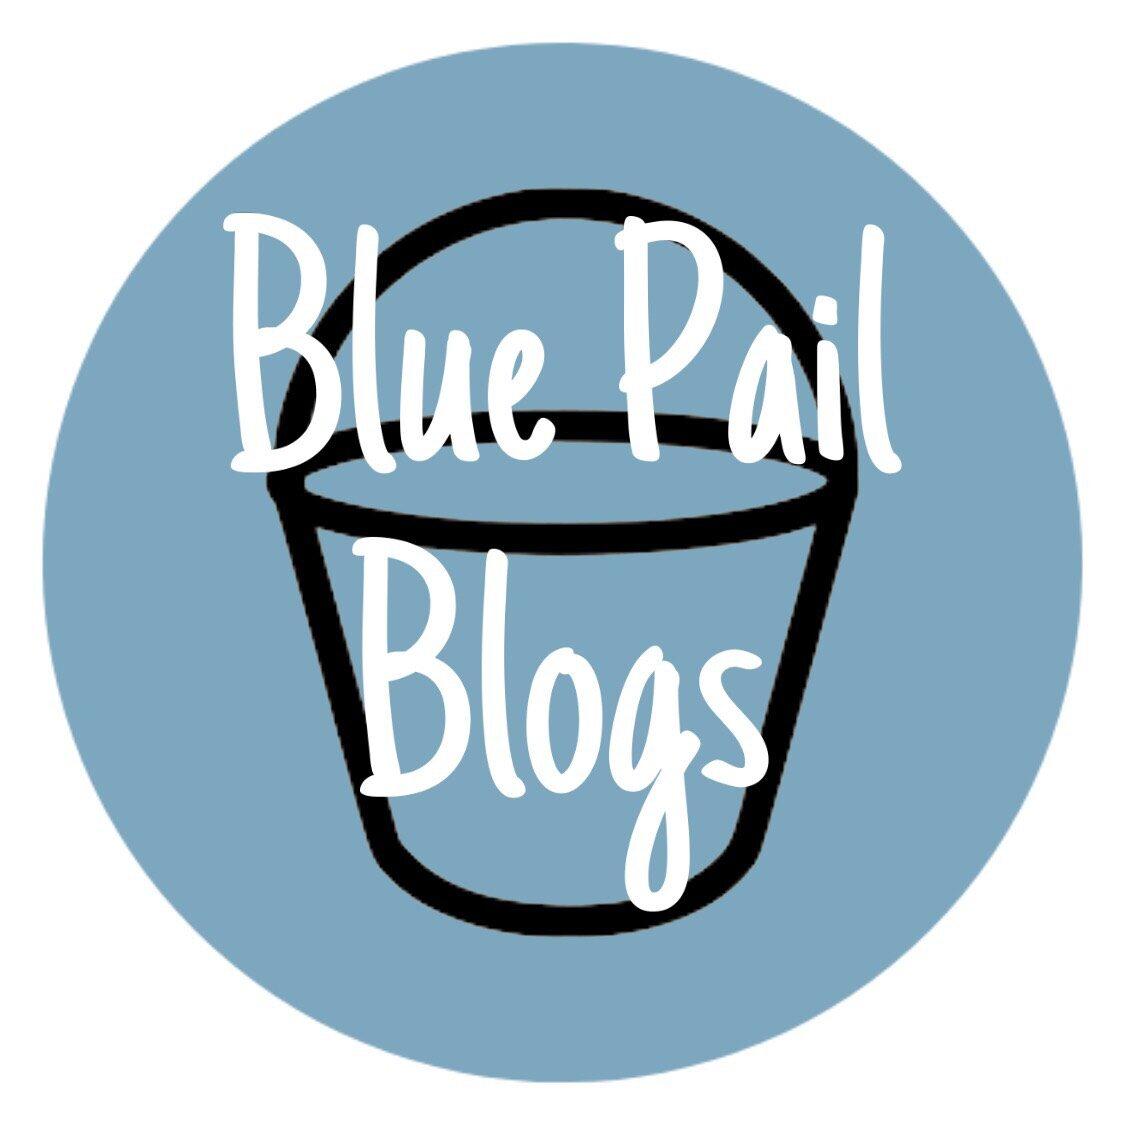 Bluepailblogs